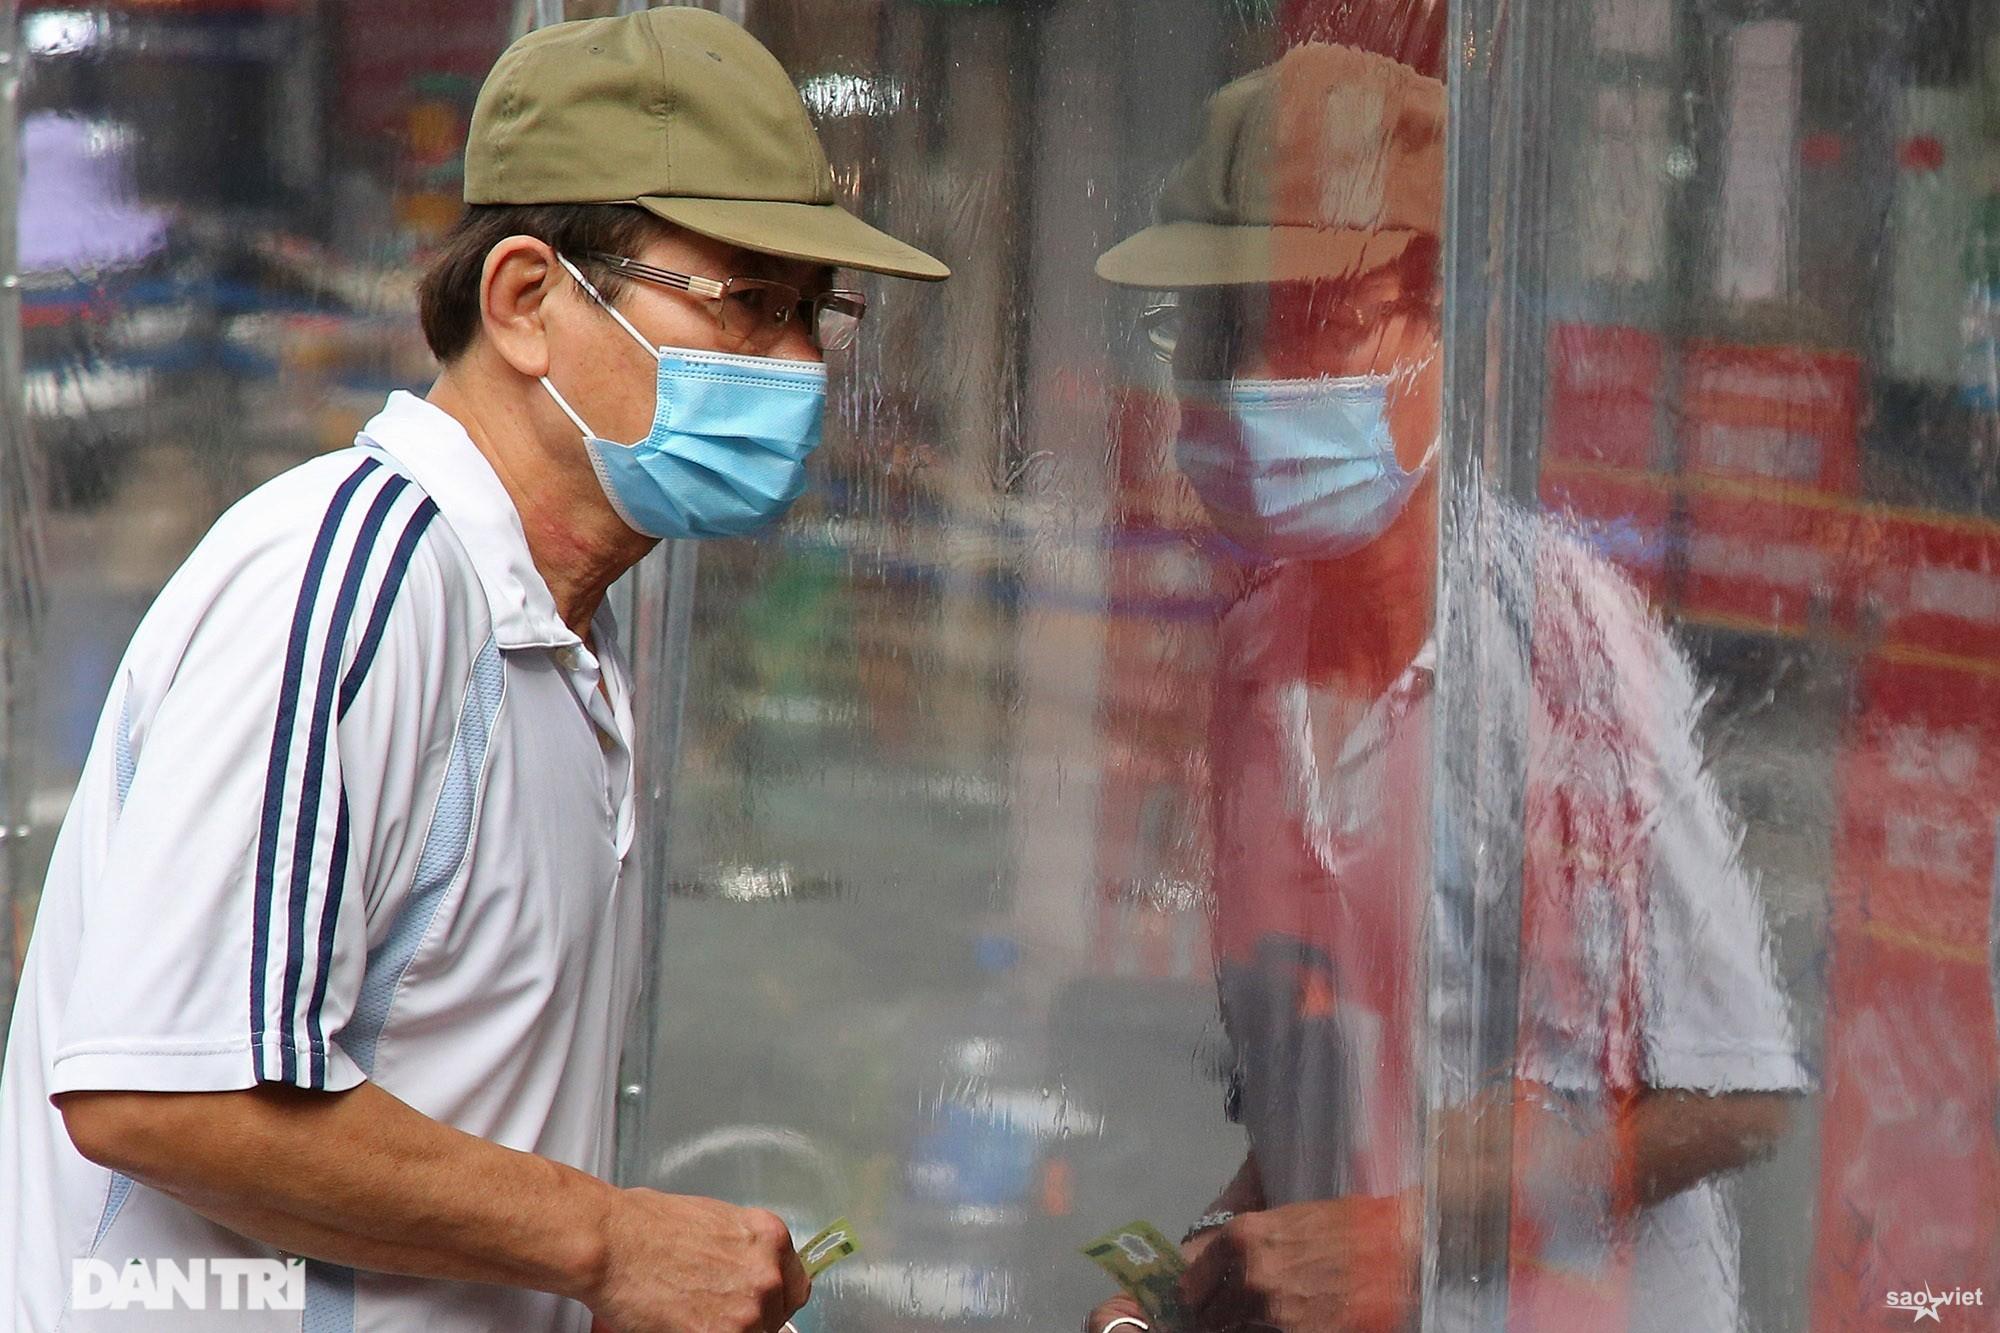 Mới lạ cảnh mua bán bằng ám hiệu ngón tay ở chợ nhà giàu phố cổ Hà Nội - 7